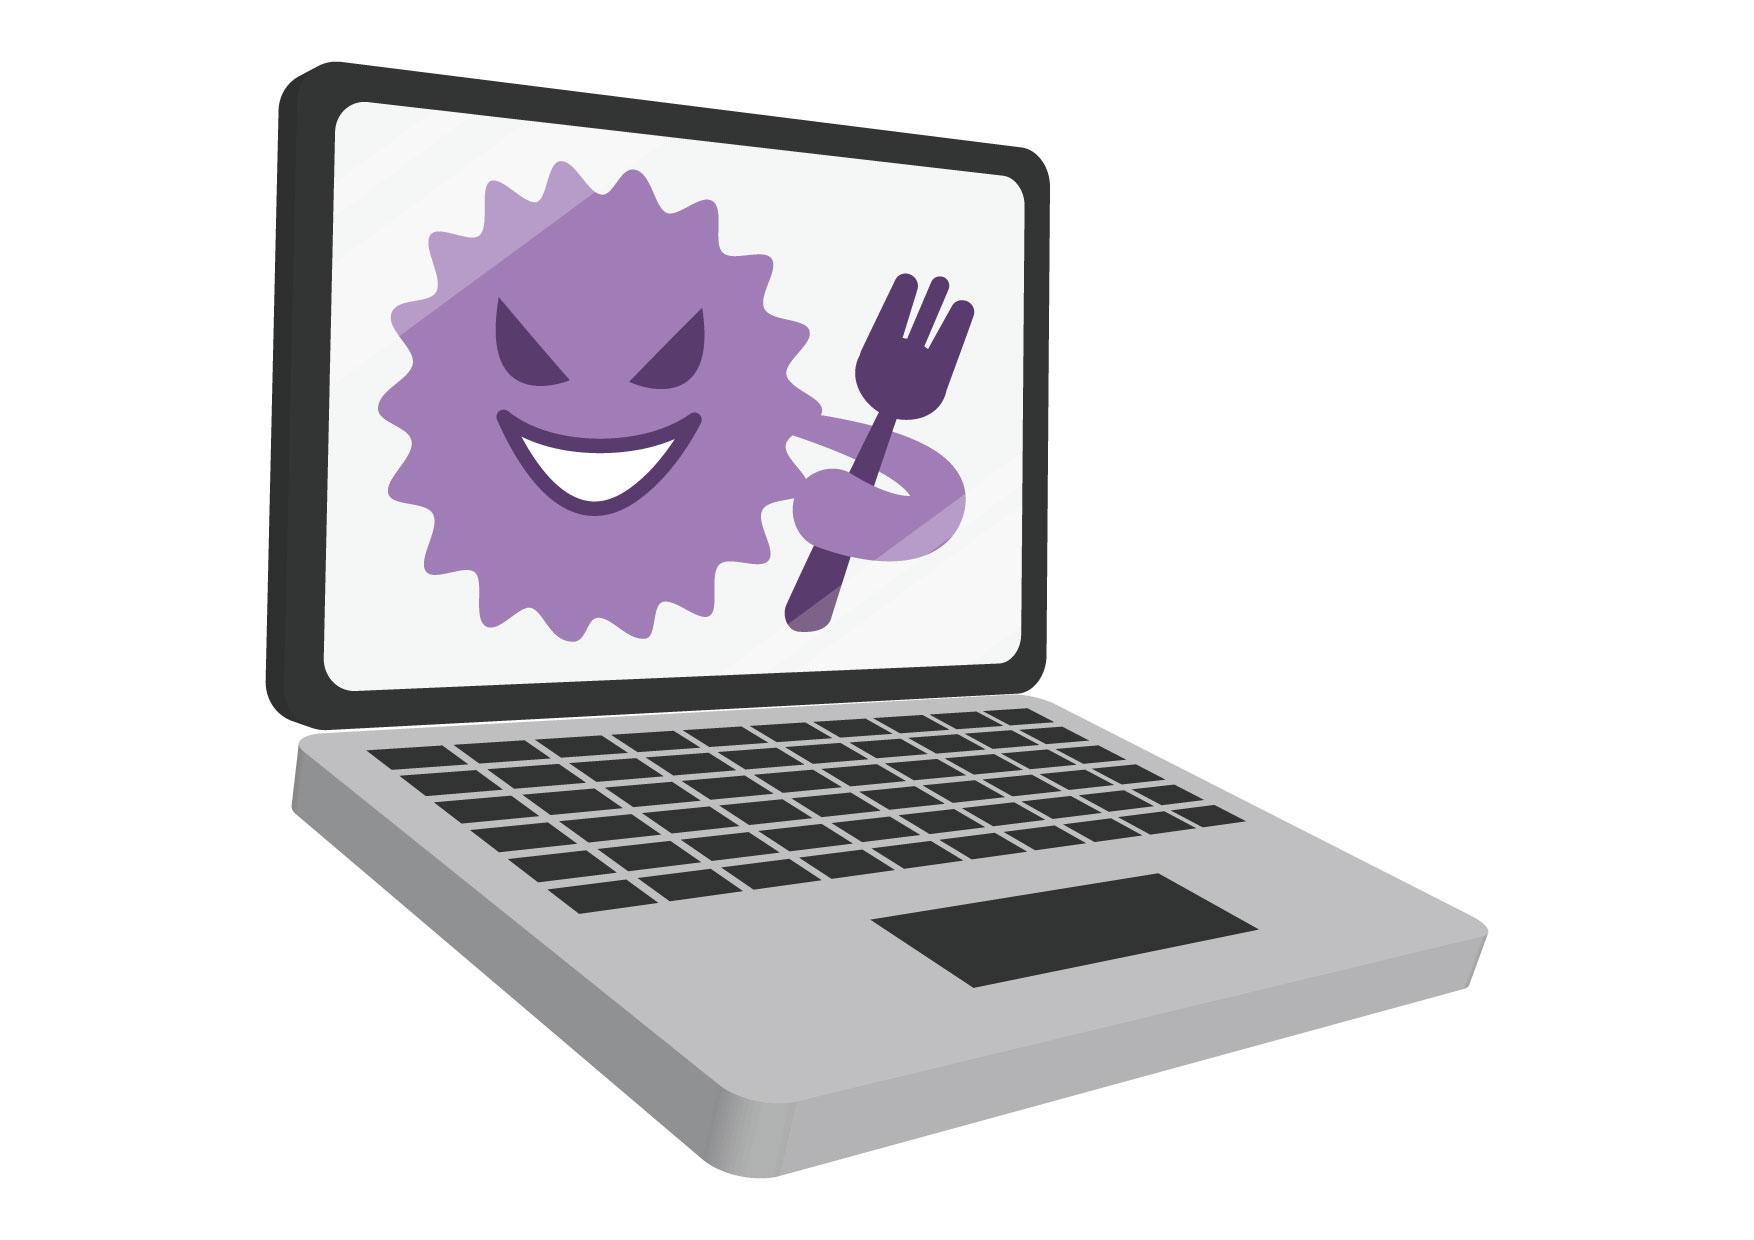 可愛いイラスト無料|ノートパソコン ウイルス − free illustration Laptop virus